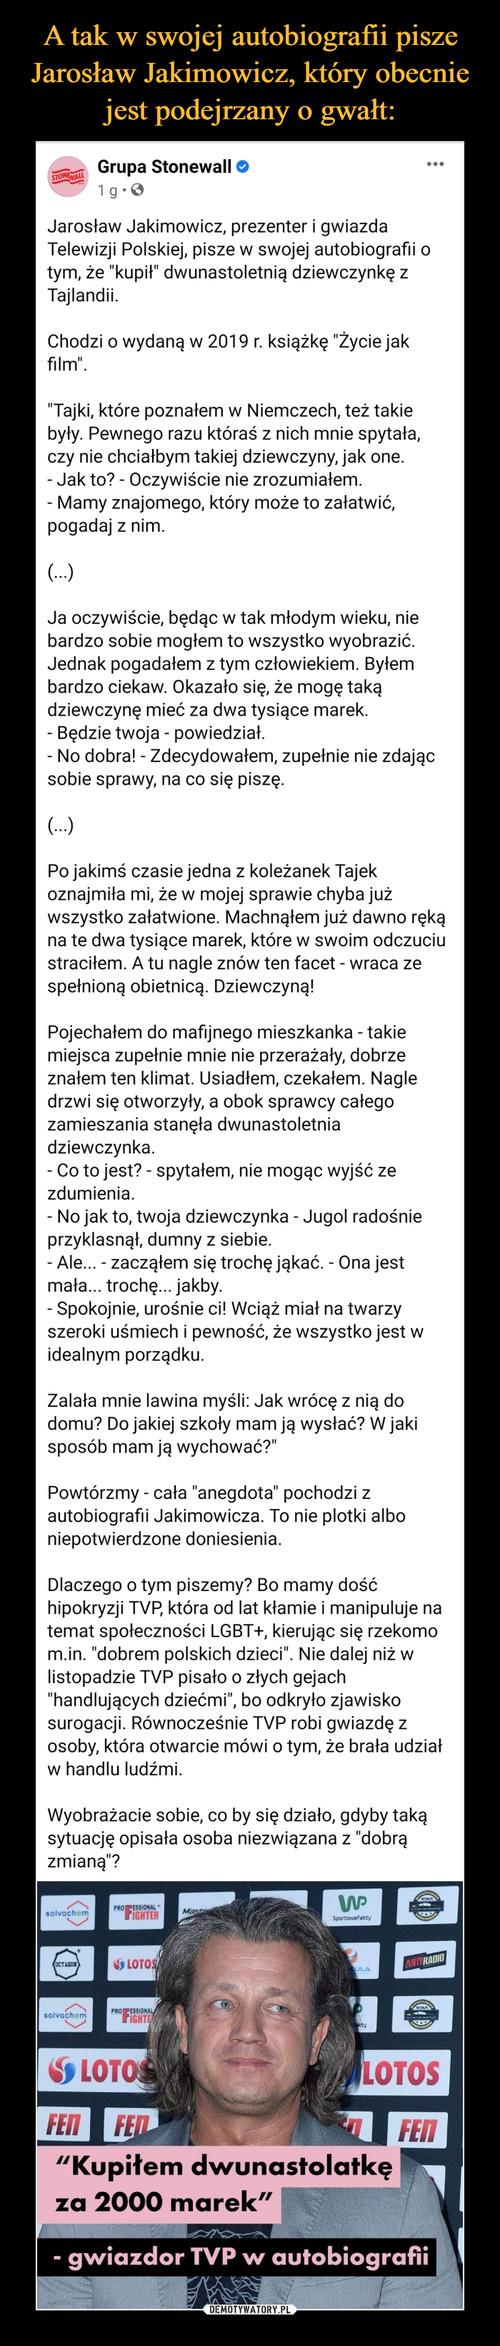 A tak w swojej autobiografii pisze Jarosław Jakimowicz, który obecnie jest podejrzany o gwałt: